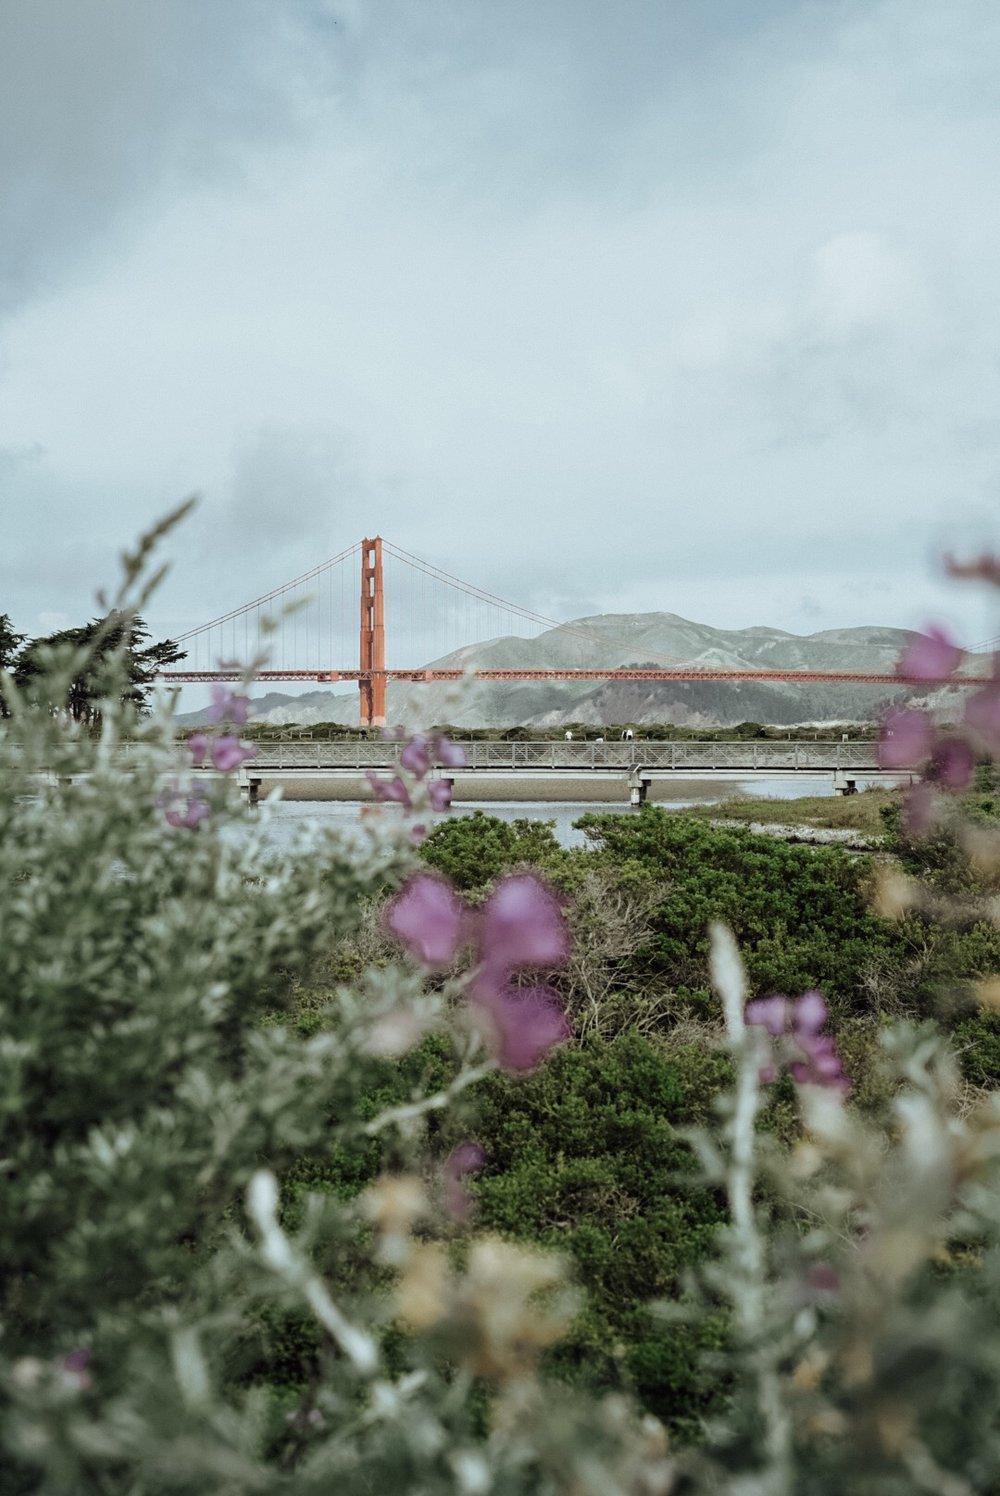 GOLDEN_GATE_BRIDGE_SAN_FRANCISCO